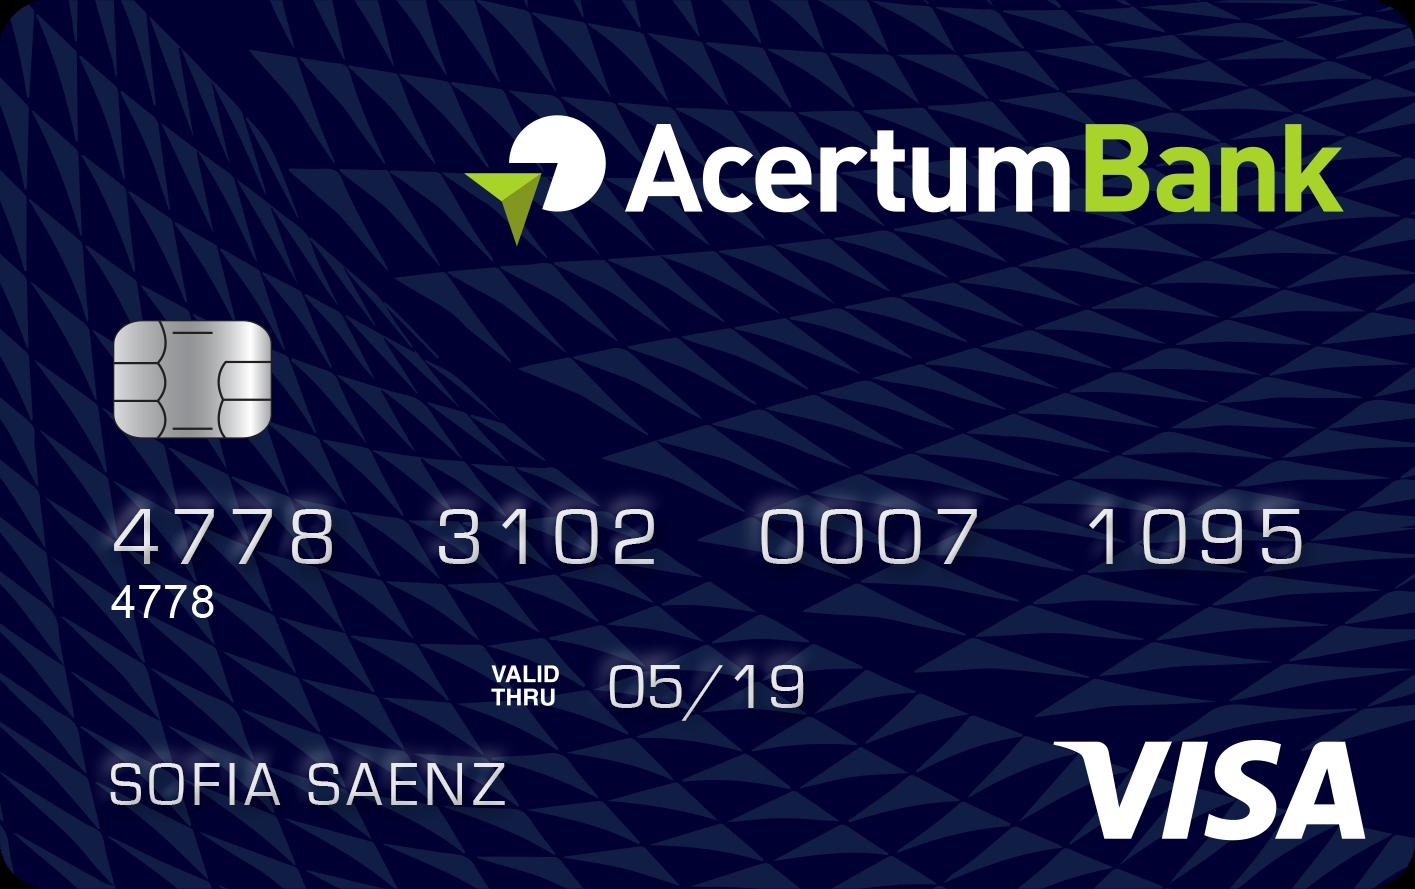 tarjeta de credito garantizada acertumbank